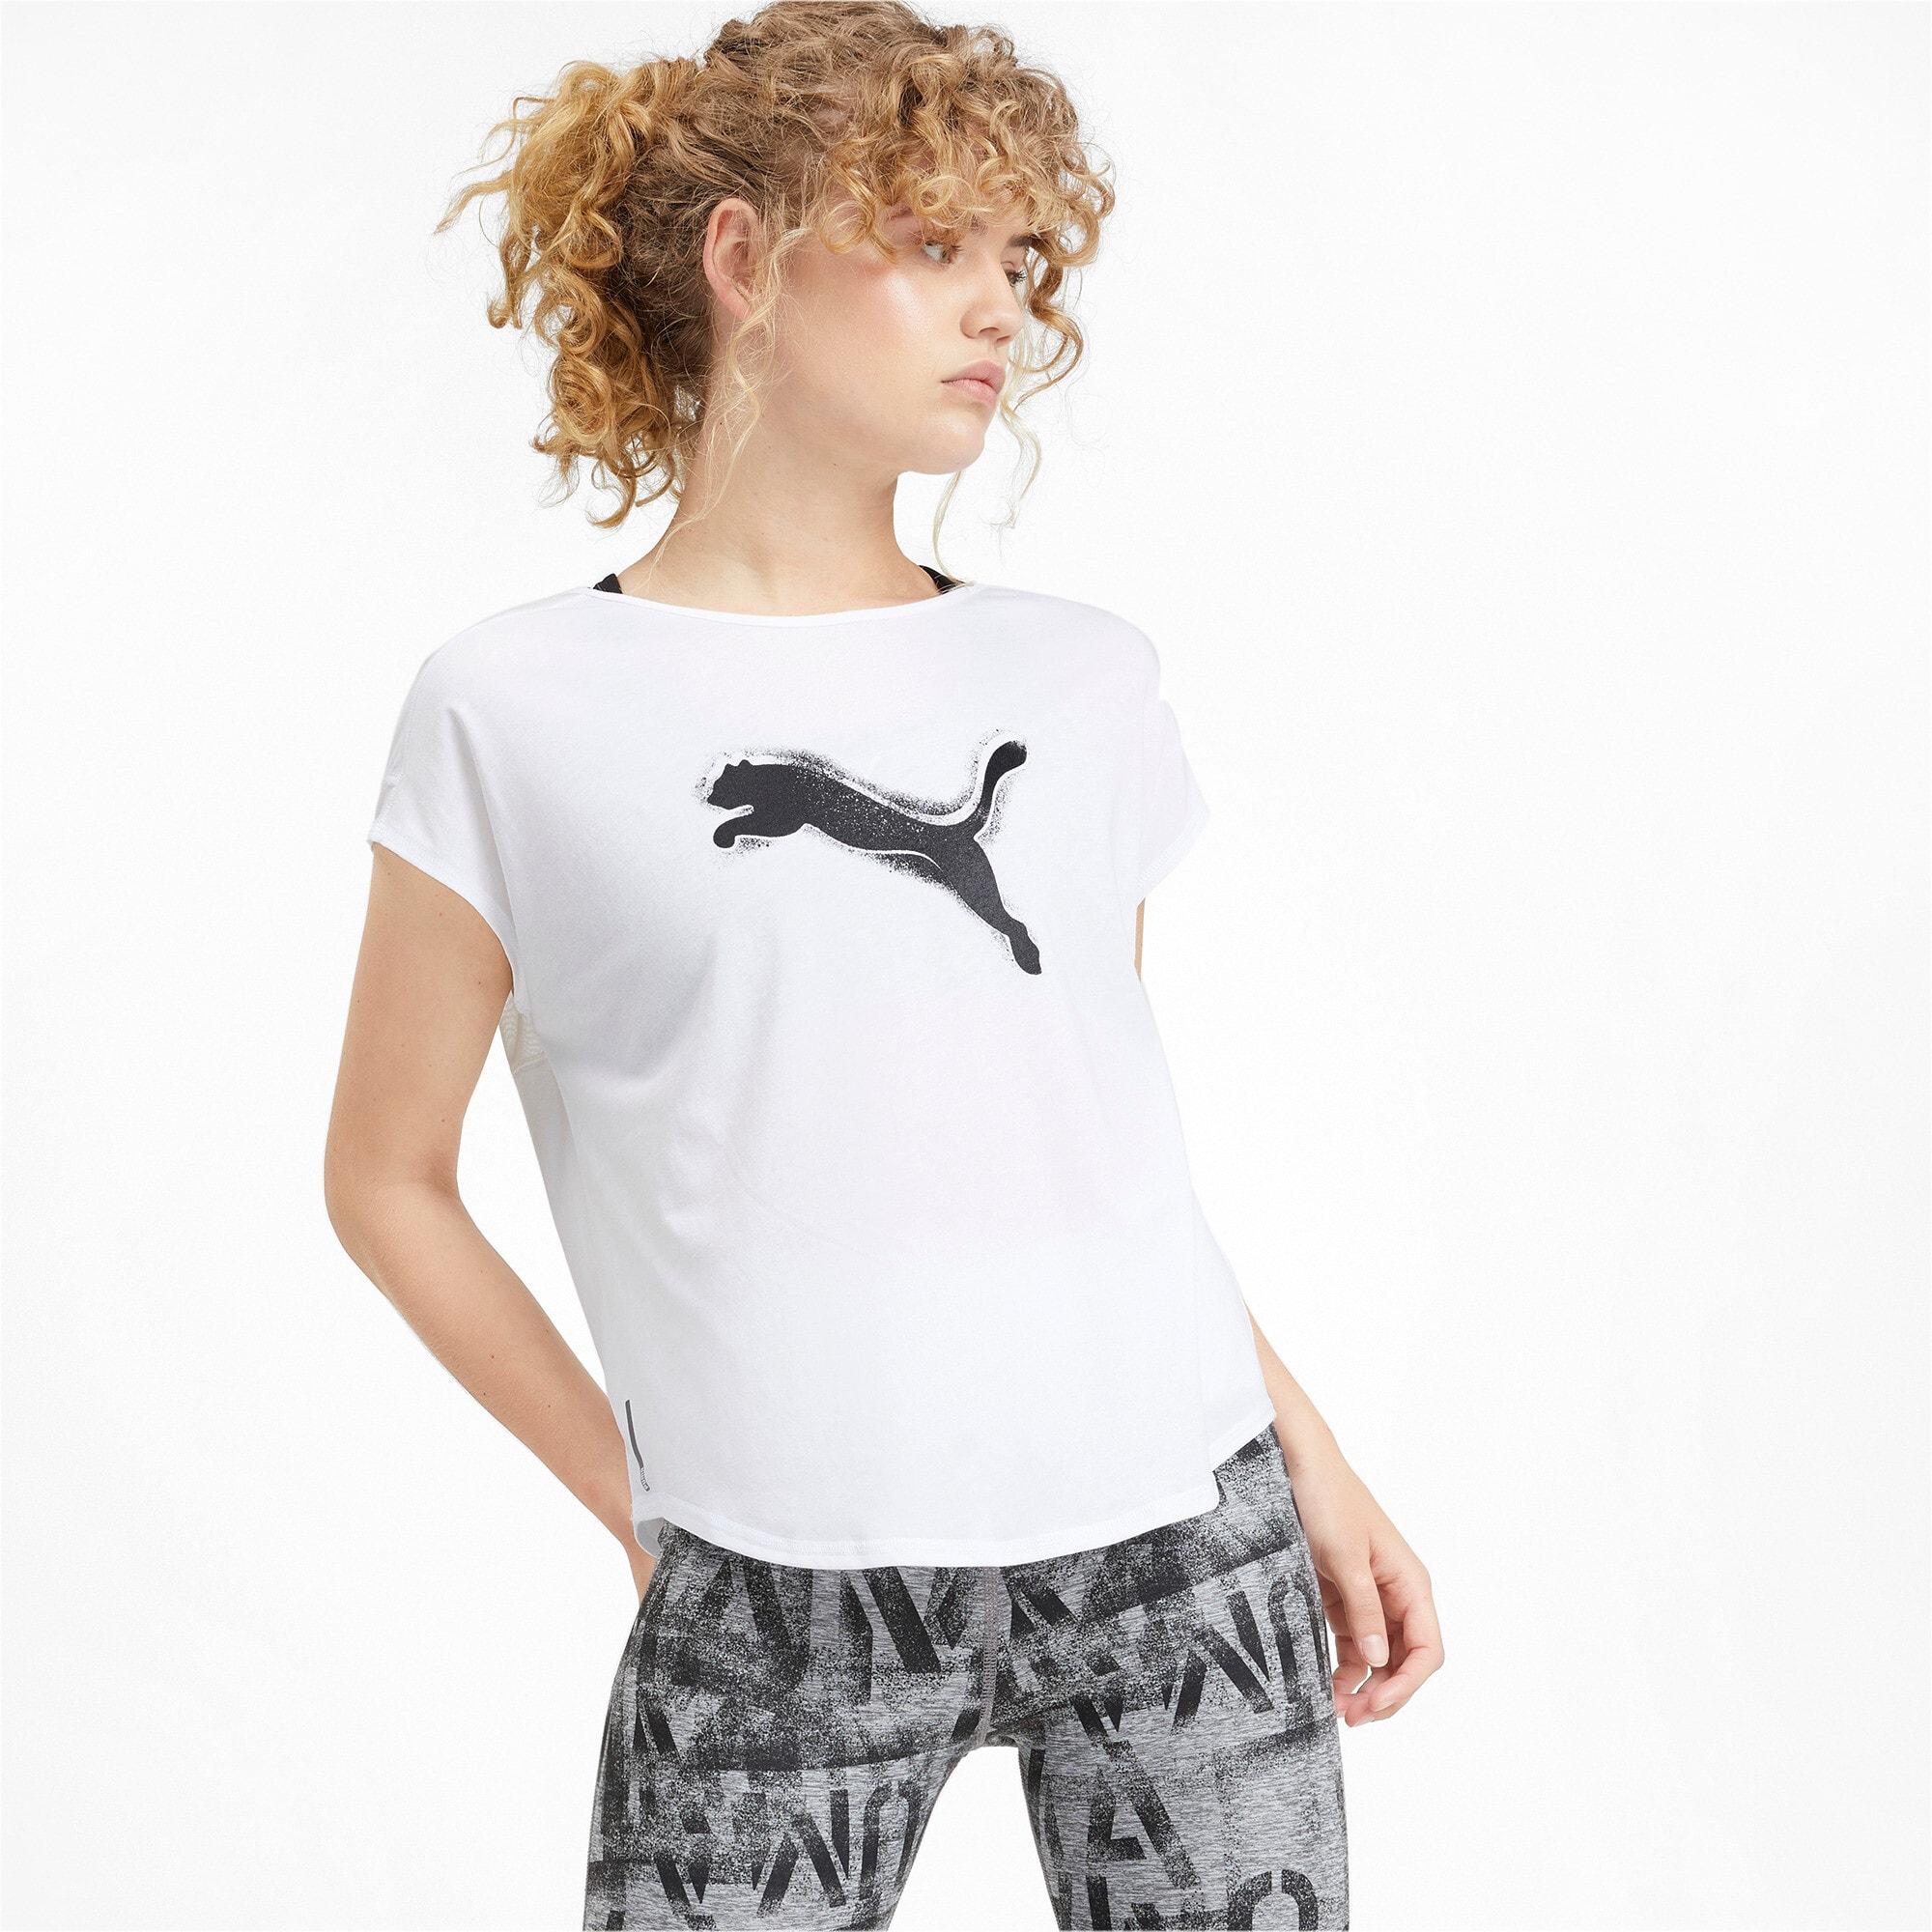 Thumbnail 2 of スタジオ SS ウィメンズ トレーニング メッシュ キャット Tシャツ 半袖, Puma White, medium-JPN